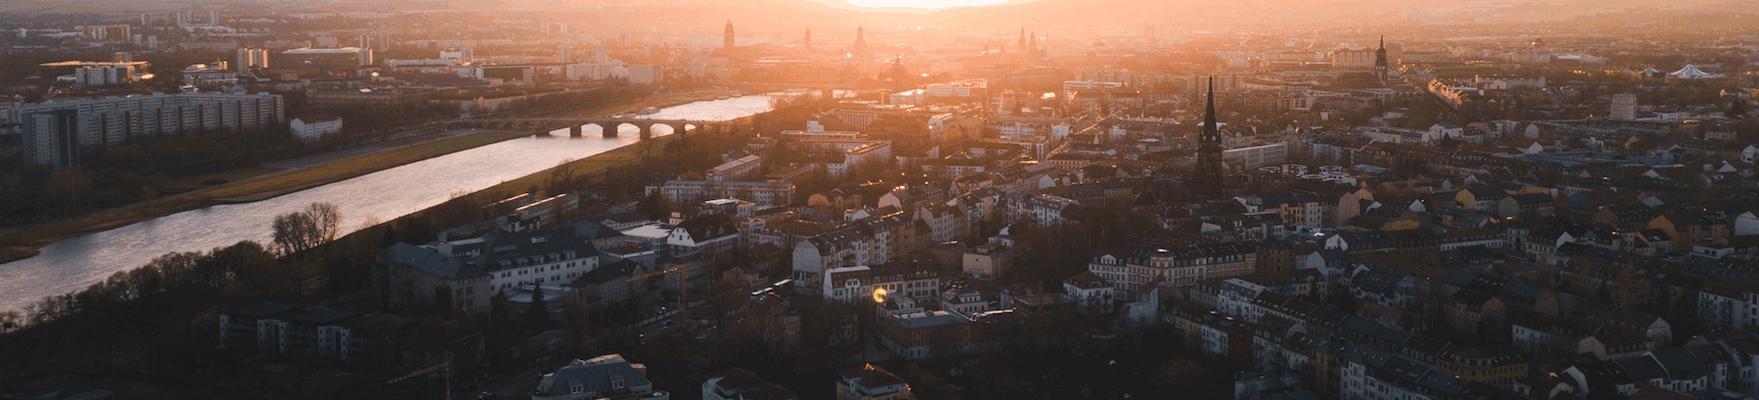 Lustige Stadtrundfahrt in sächischer Mundart Dresden 5.10.